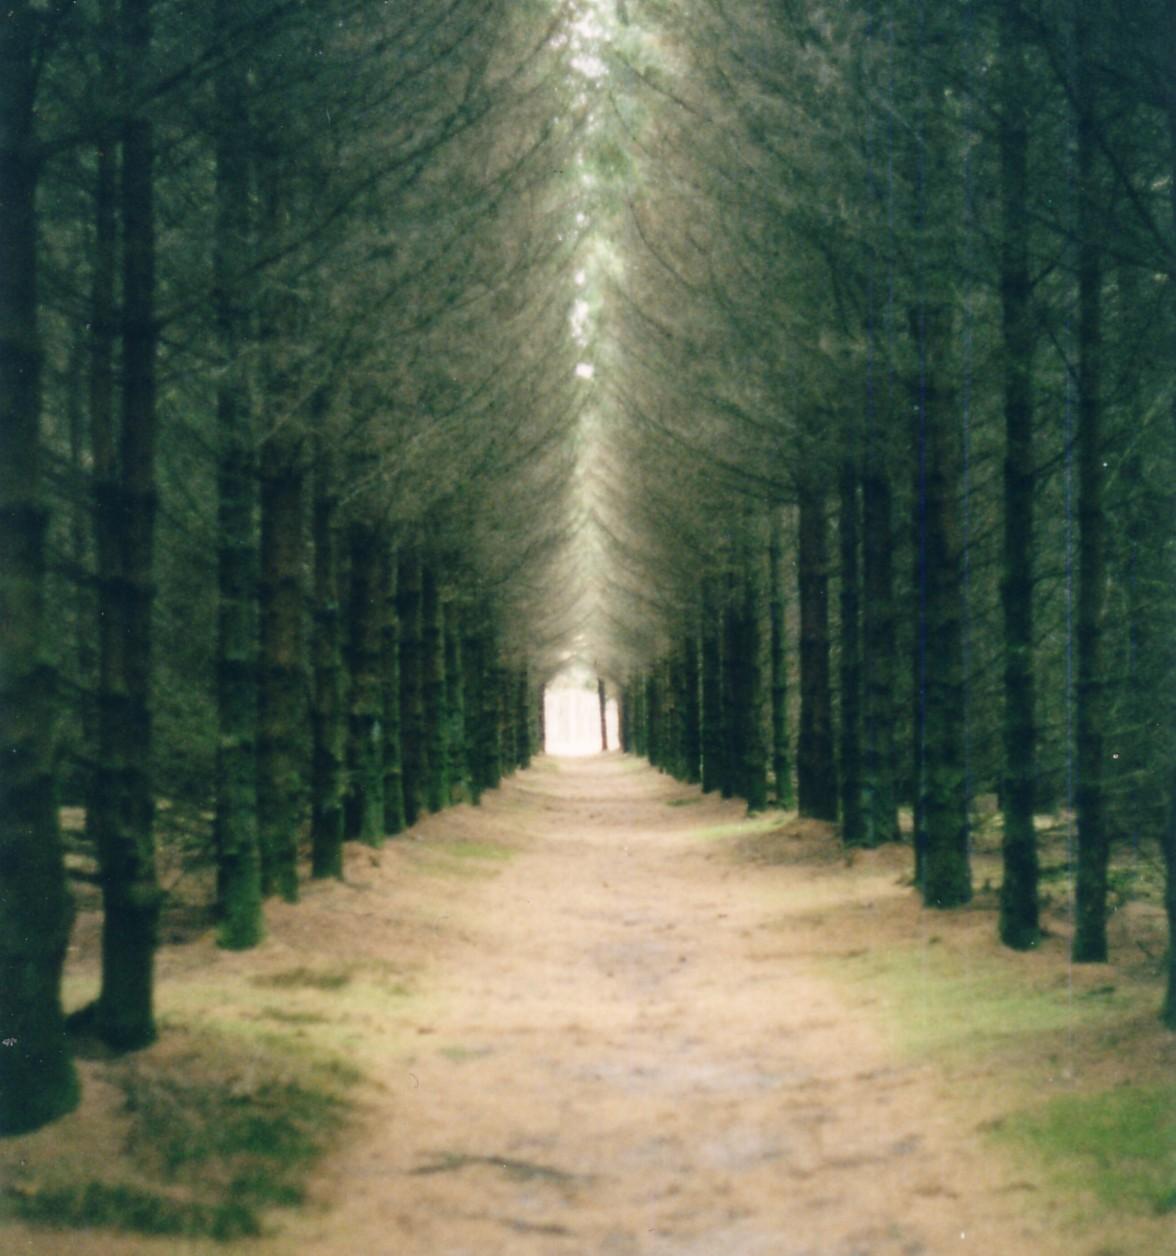 http://3.bp.blogspot.com/_m7OFa1tCKWE/TSMGBCSOrnI/AAAAAAAAADc/tP7zMik3wC0/s1600/tree-lined-path1.jpg